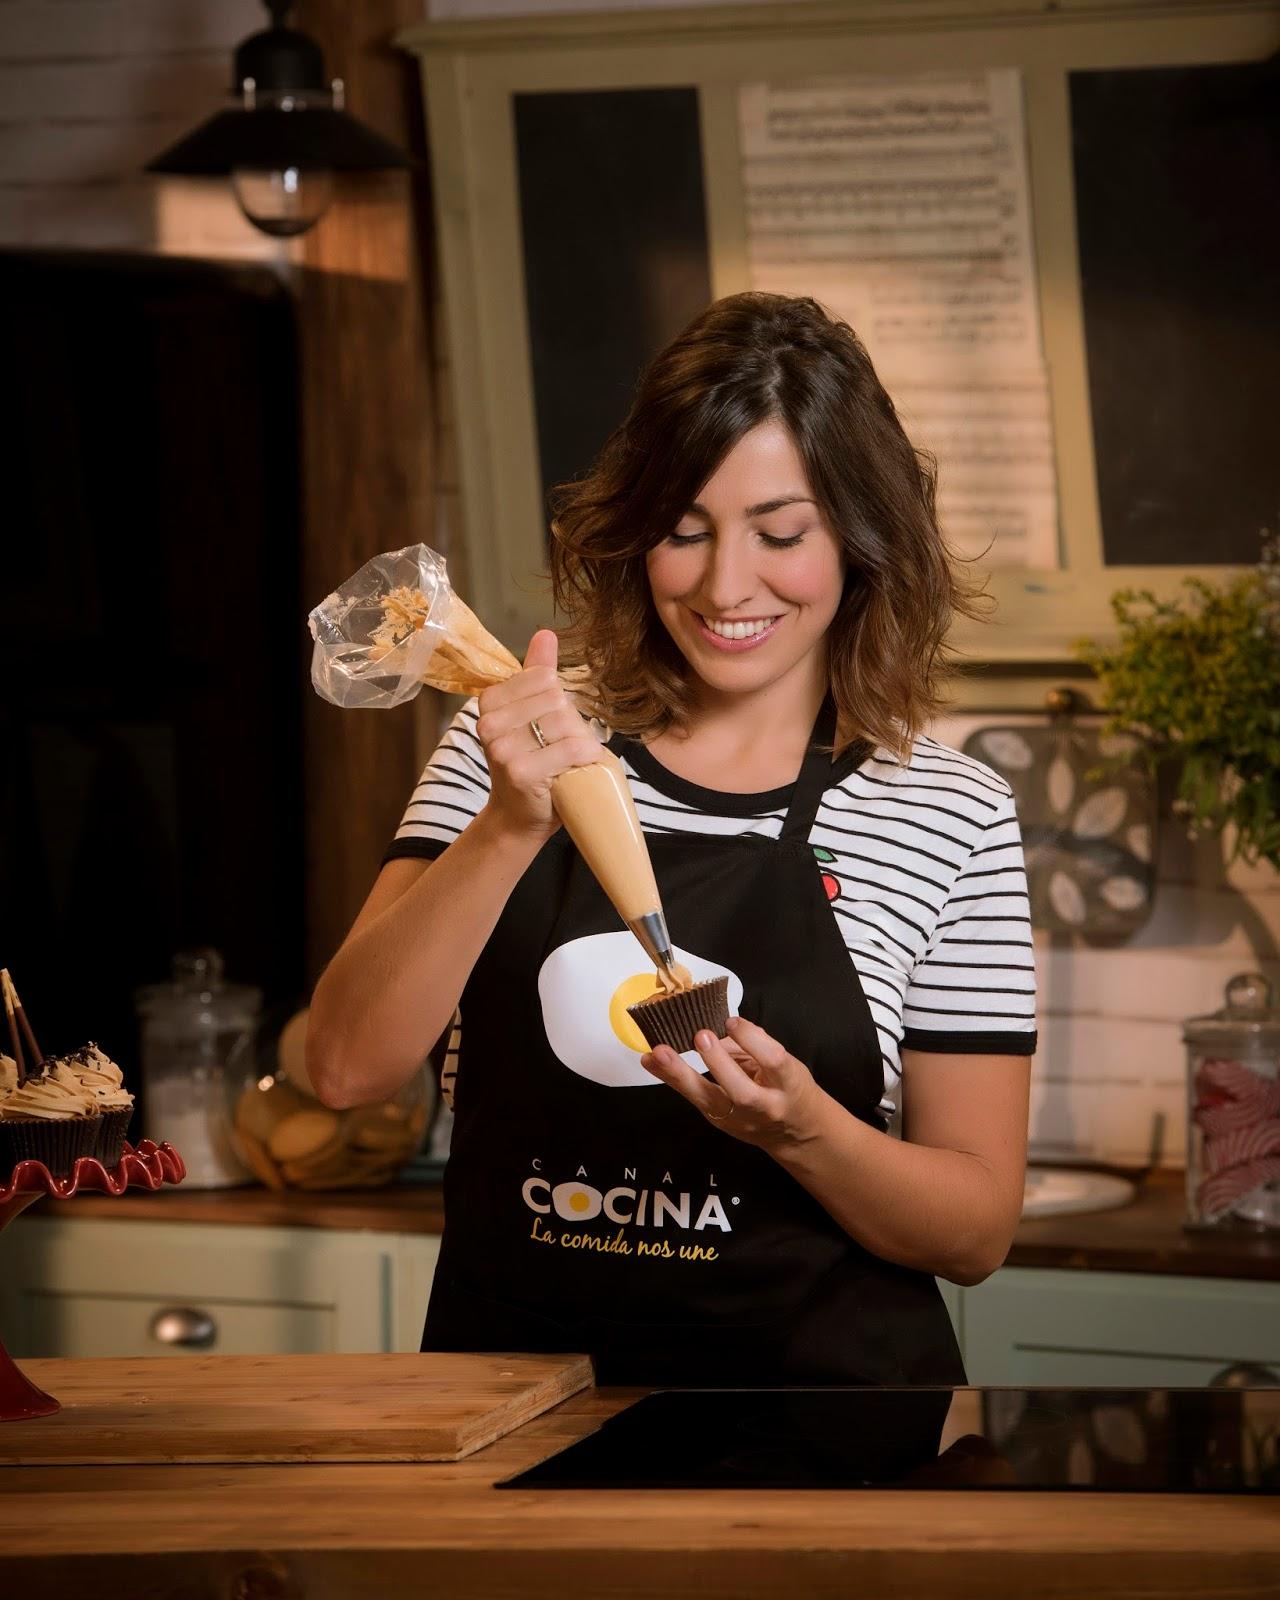 Objetivo cupcake perfecto segunda temporada de dulces for Canal cocina concursos